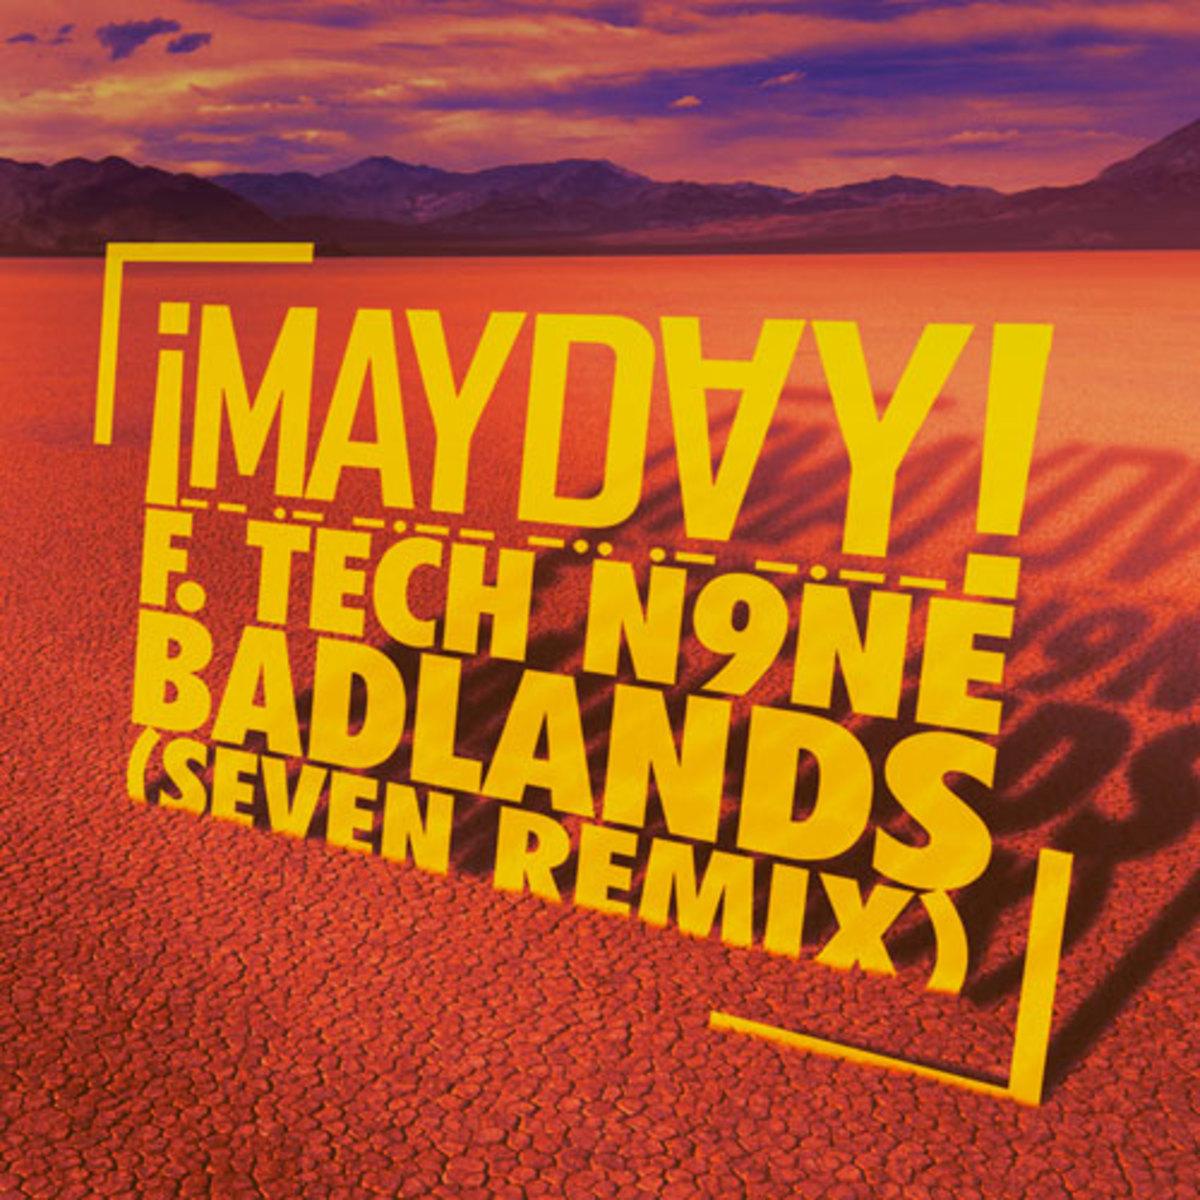 mayday-badlandsrmx.jpg